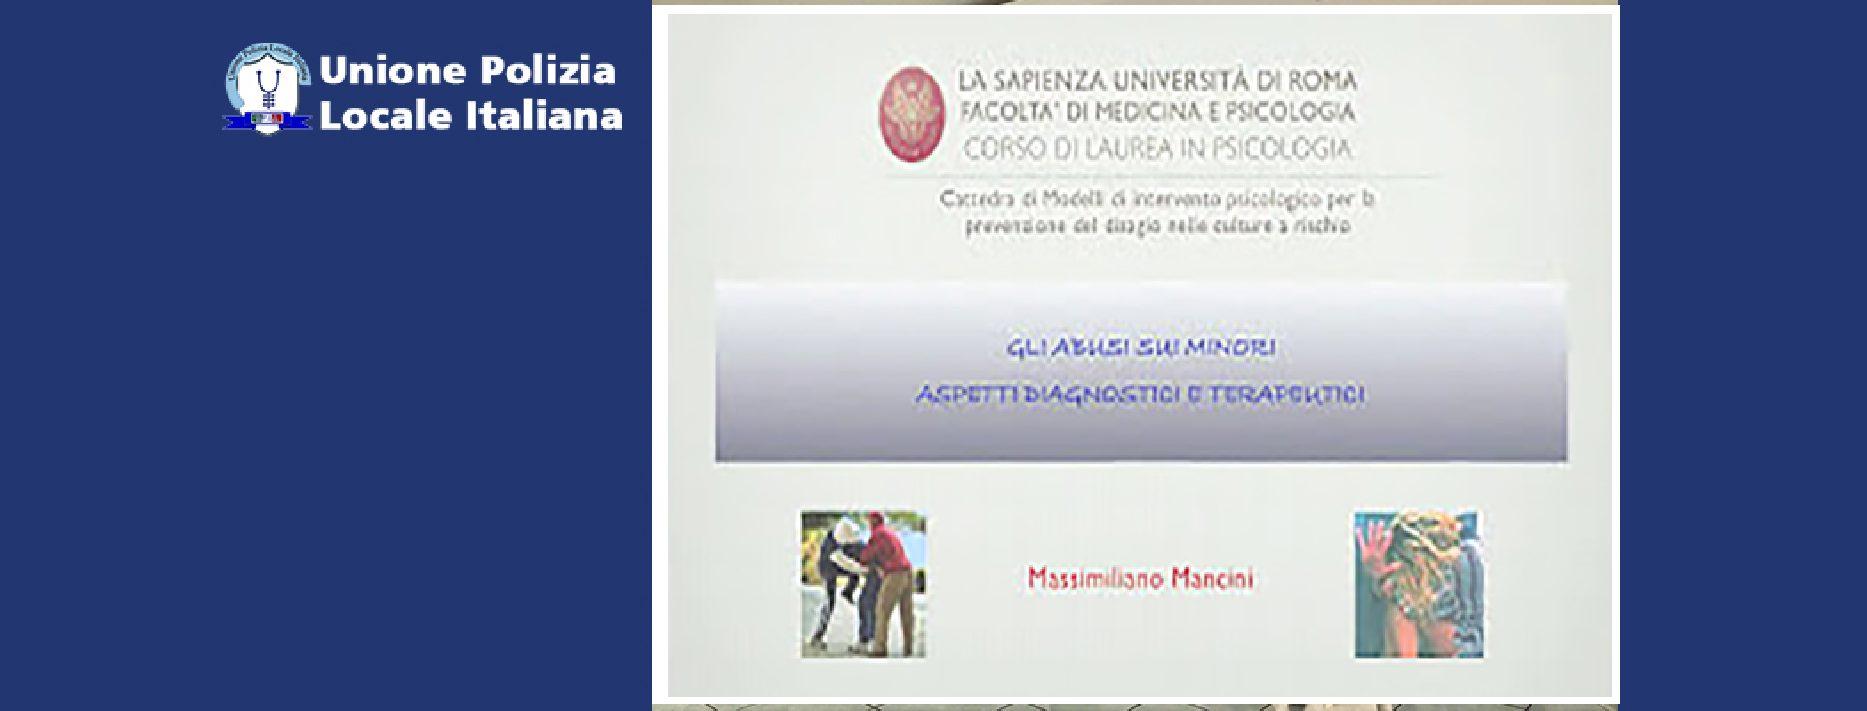 ABUSI SUI MINORI (di M.Mancini)-Lezioni Roma La Sapienza. Parte 3